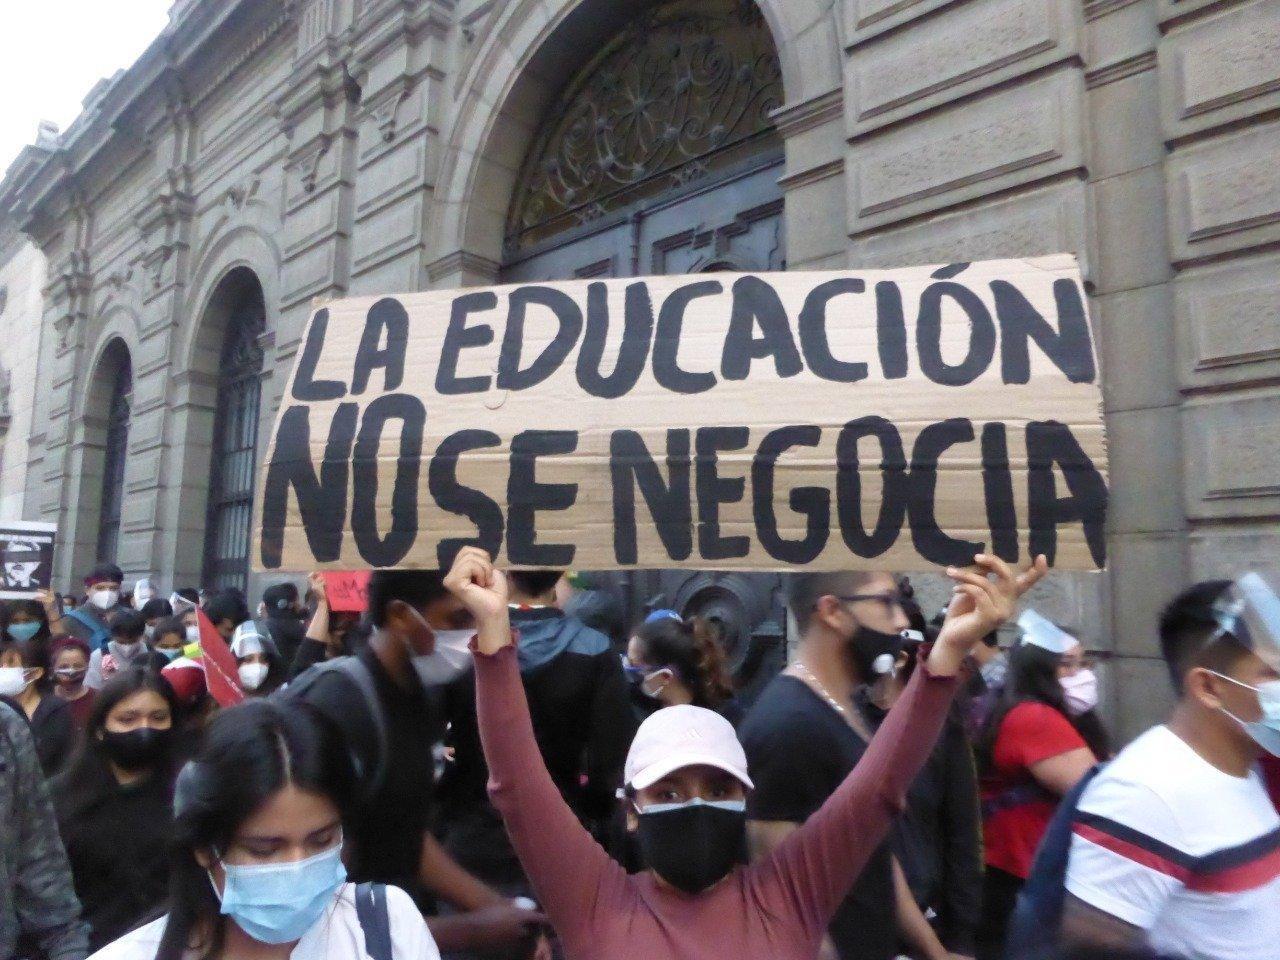 """Mehrere demonstrierende Personen stehen zusammen. Eine Frau hält einen Karton hoch, auf dem aus Spanische steht: """"Mit der Bildung macht man keine Geschäfte."""""""